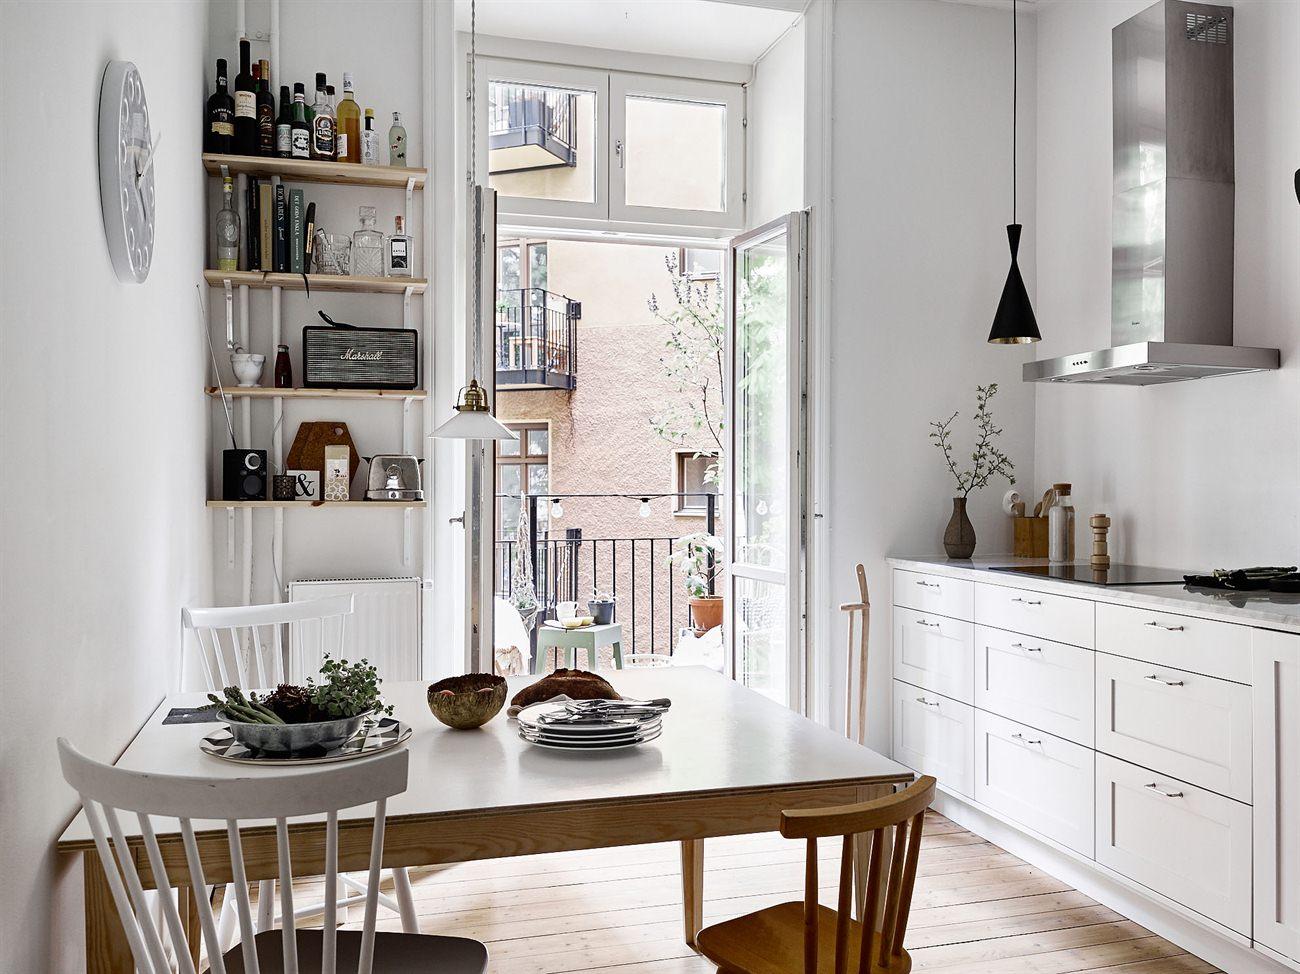 L mparas colgantes sobre la encimera blog tienda for Disenos de muebles de cocina colgantes